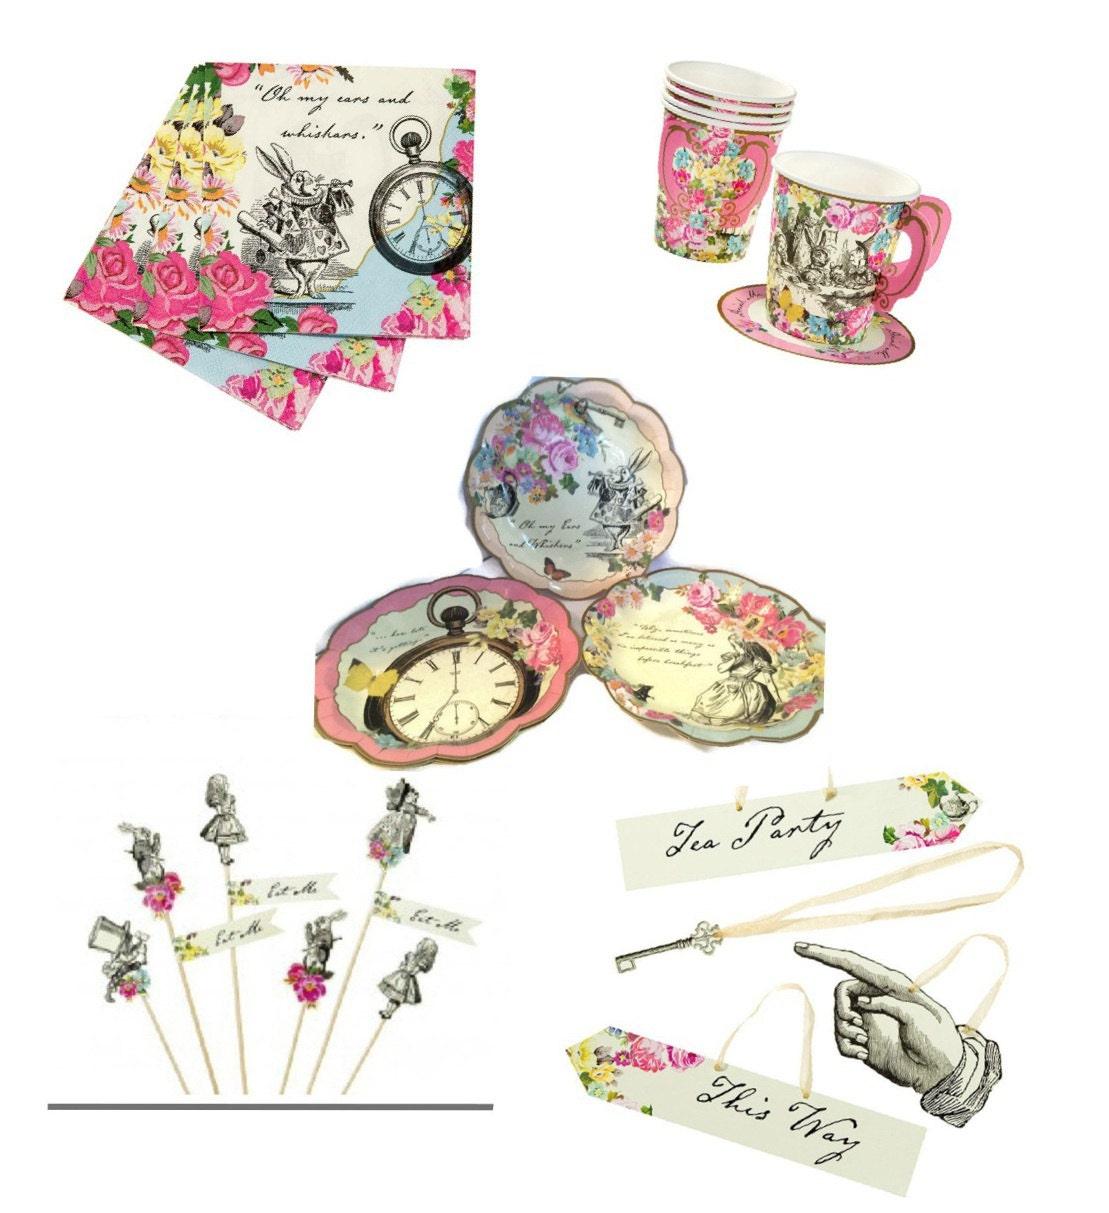 Atemberaubend Ideen Für Küche Tee Themen Galerie - Küchen Design ...